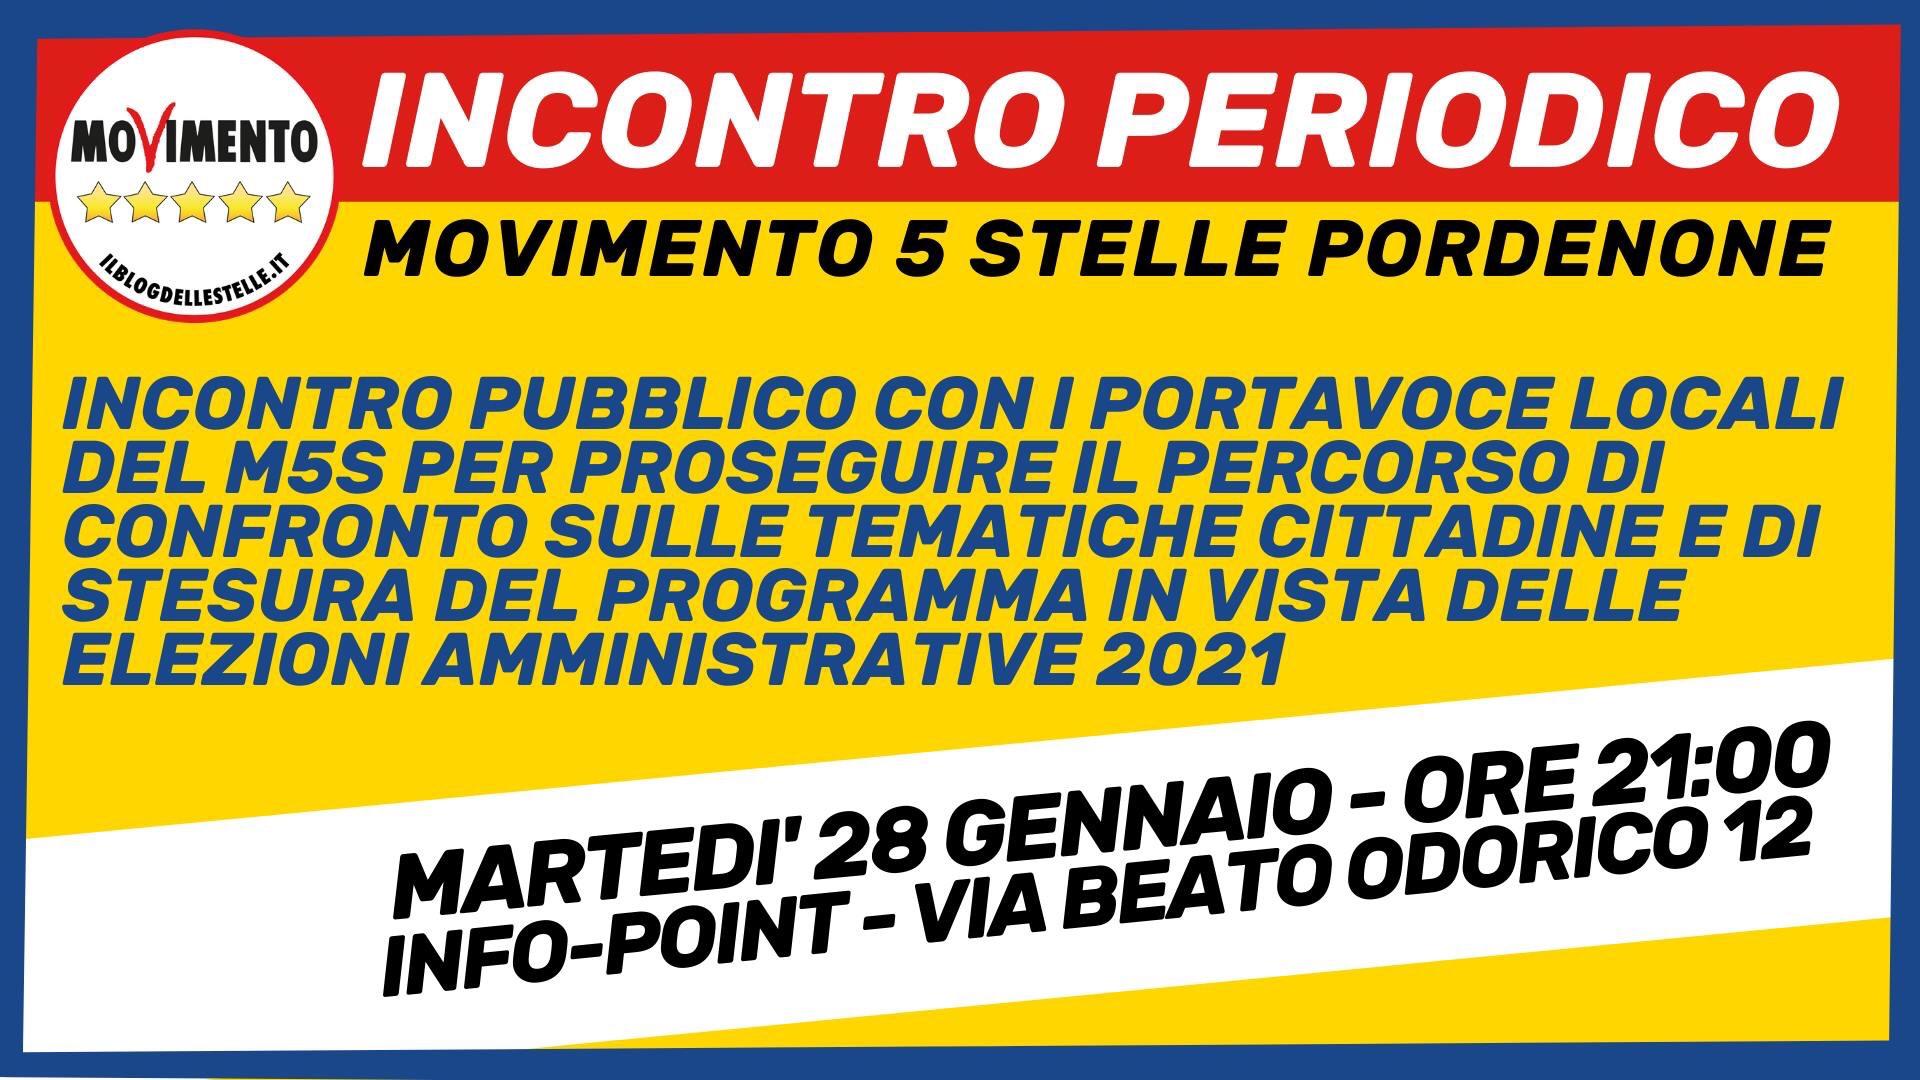 You are currently viewing Incontro Periodico del MoVimento 5 Stelle di Pordenone